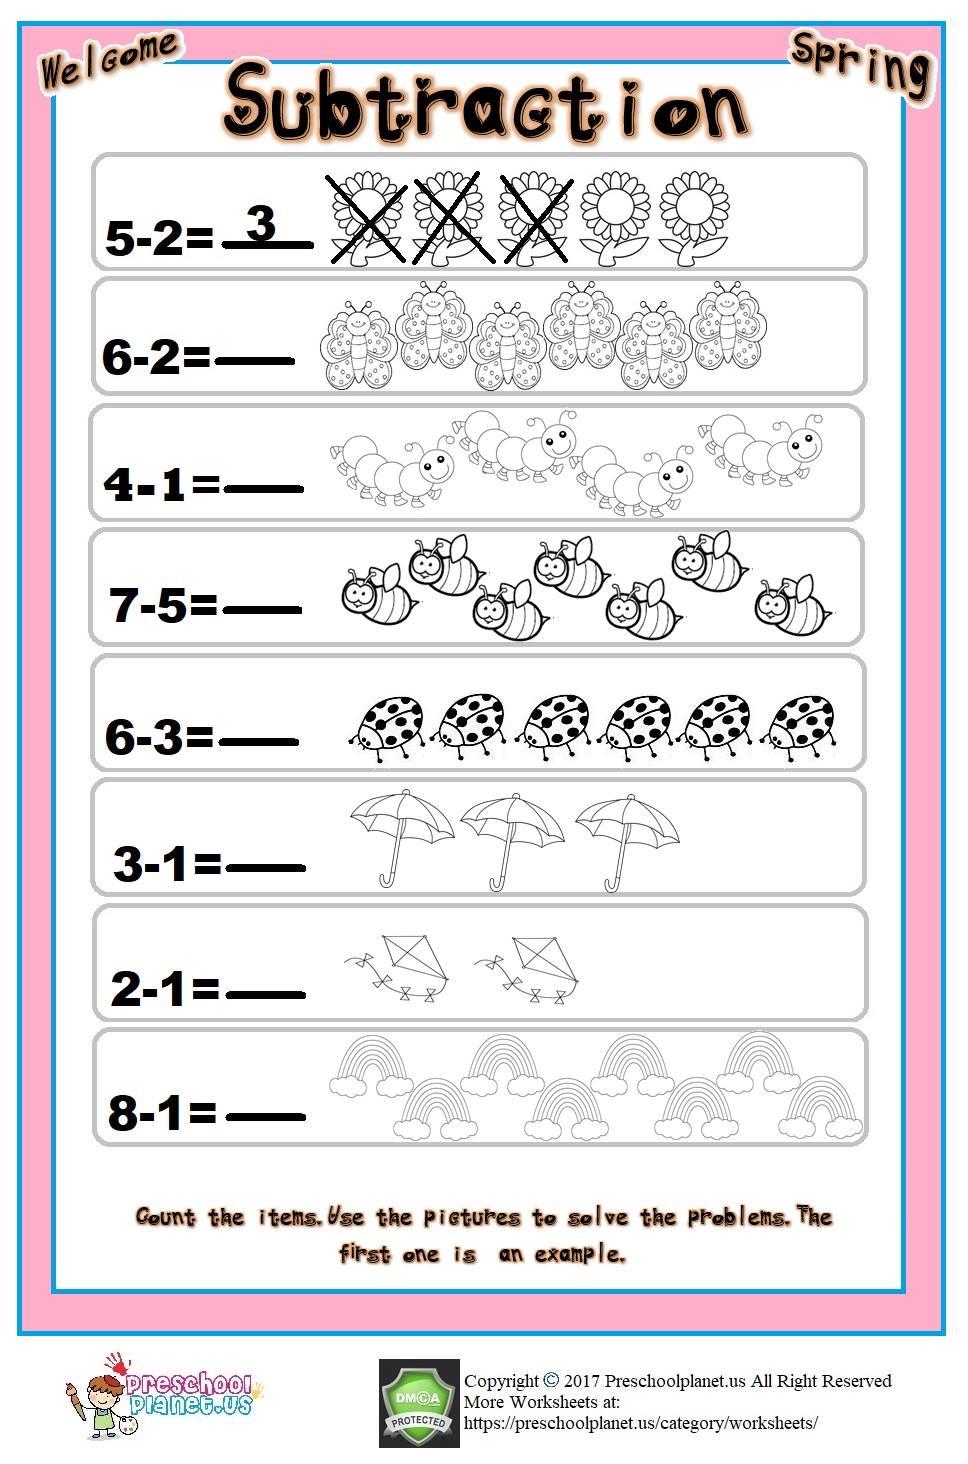 spring subtraction worksheet